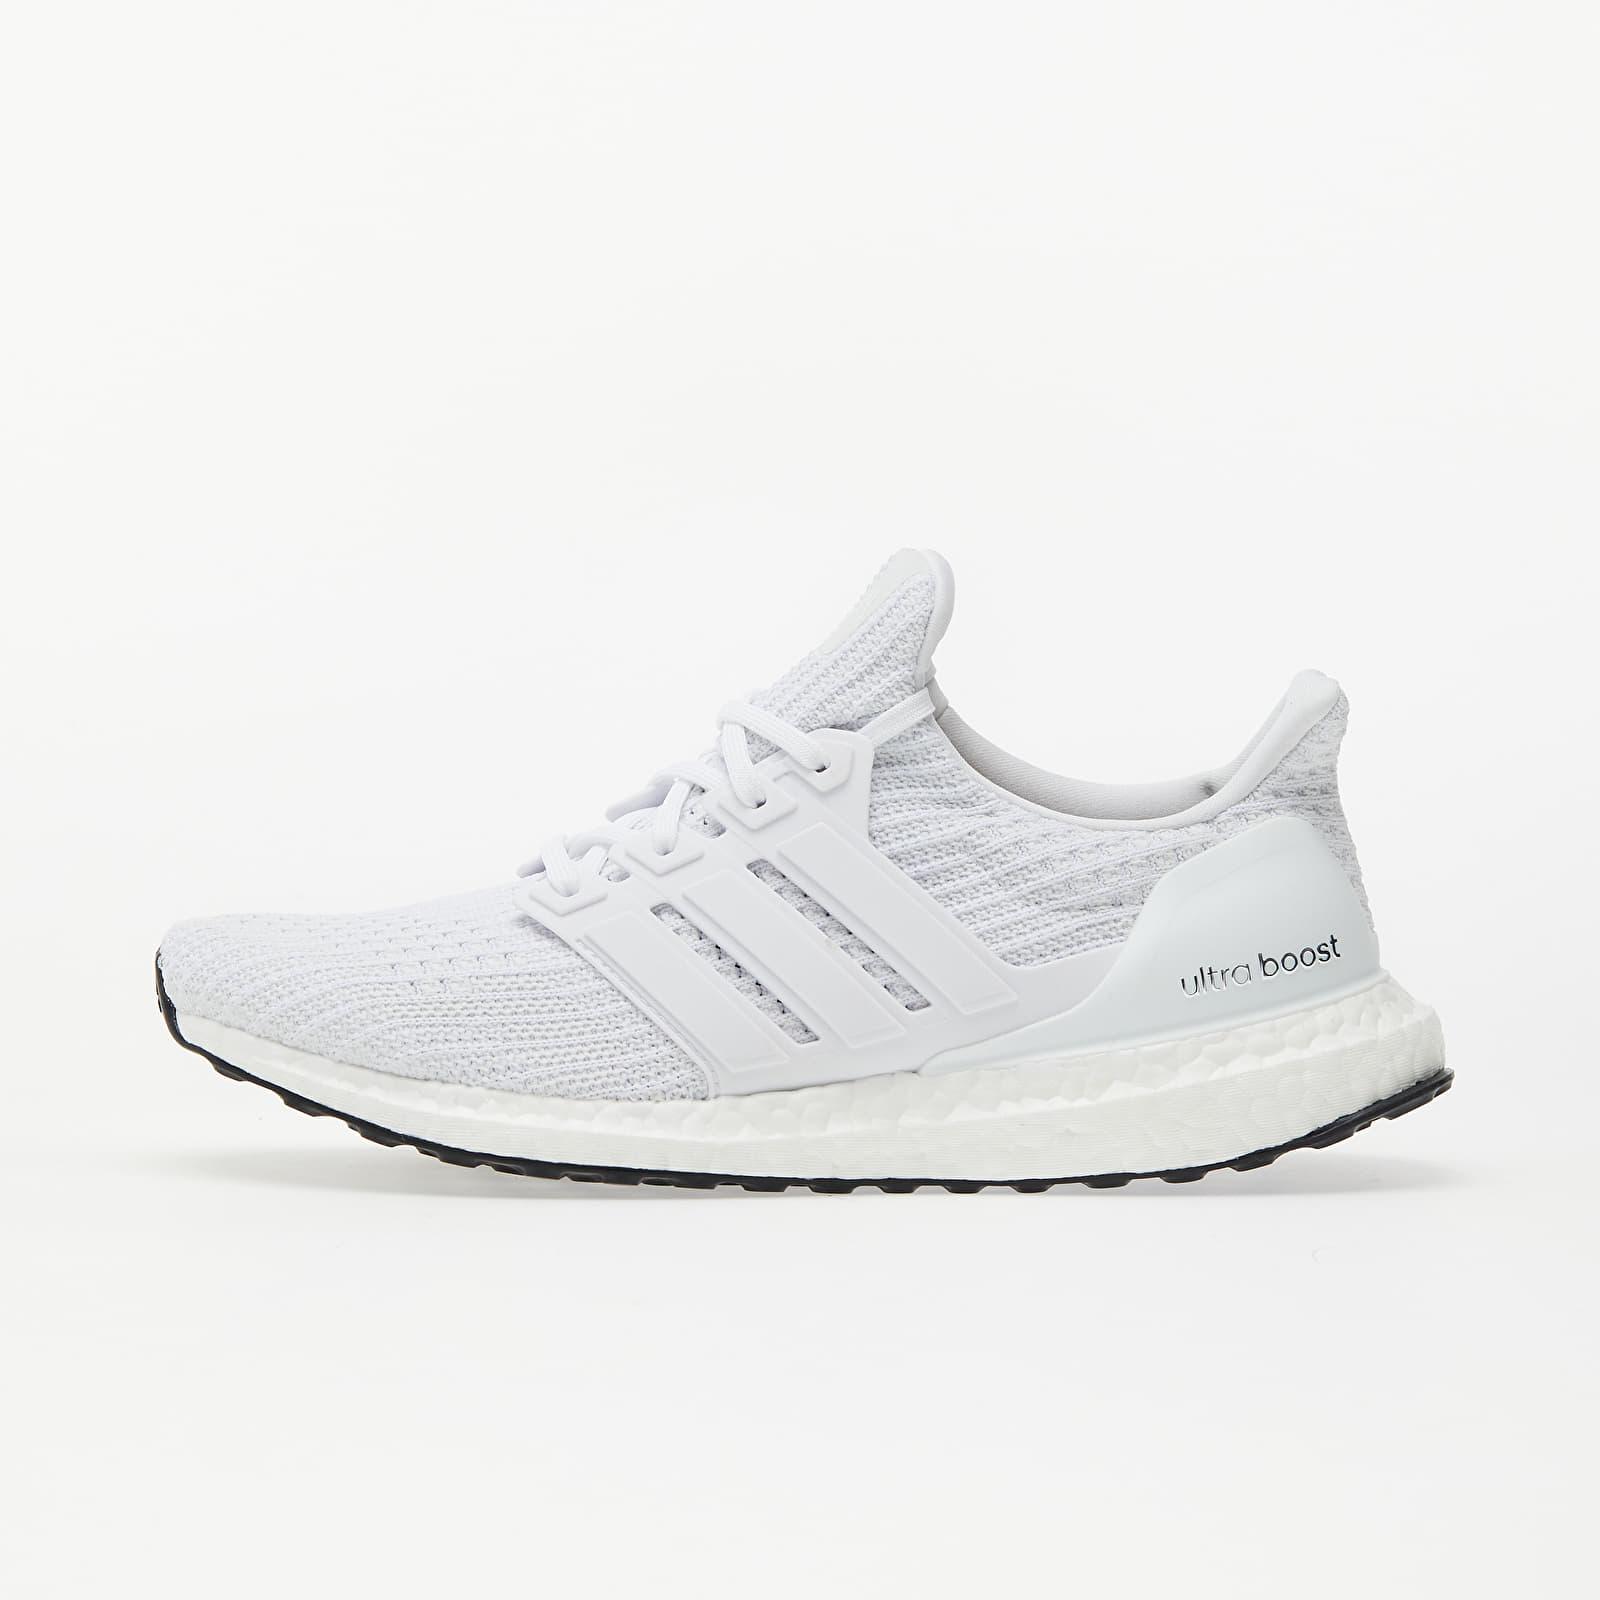 Дамски кецове и обувки adidas Ultraboost W Ftw White/ Ftw White/ Ftw White